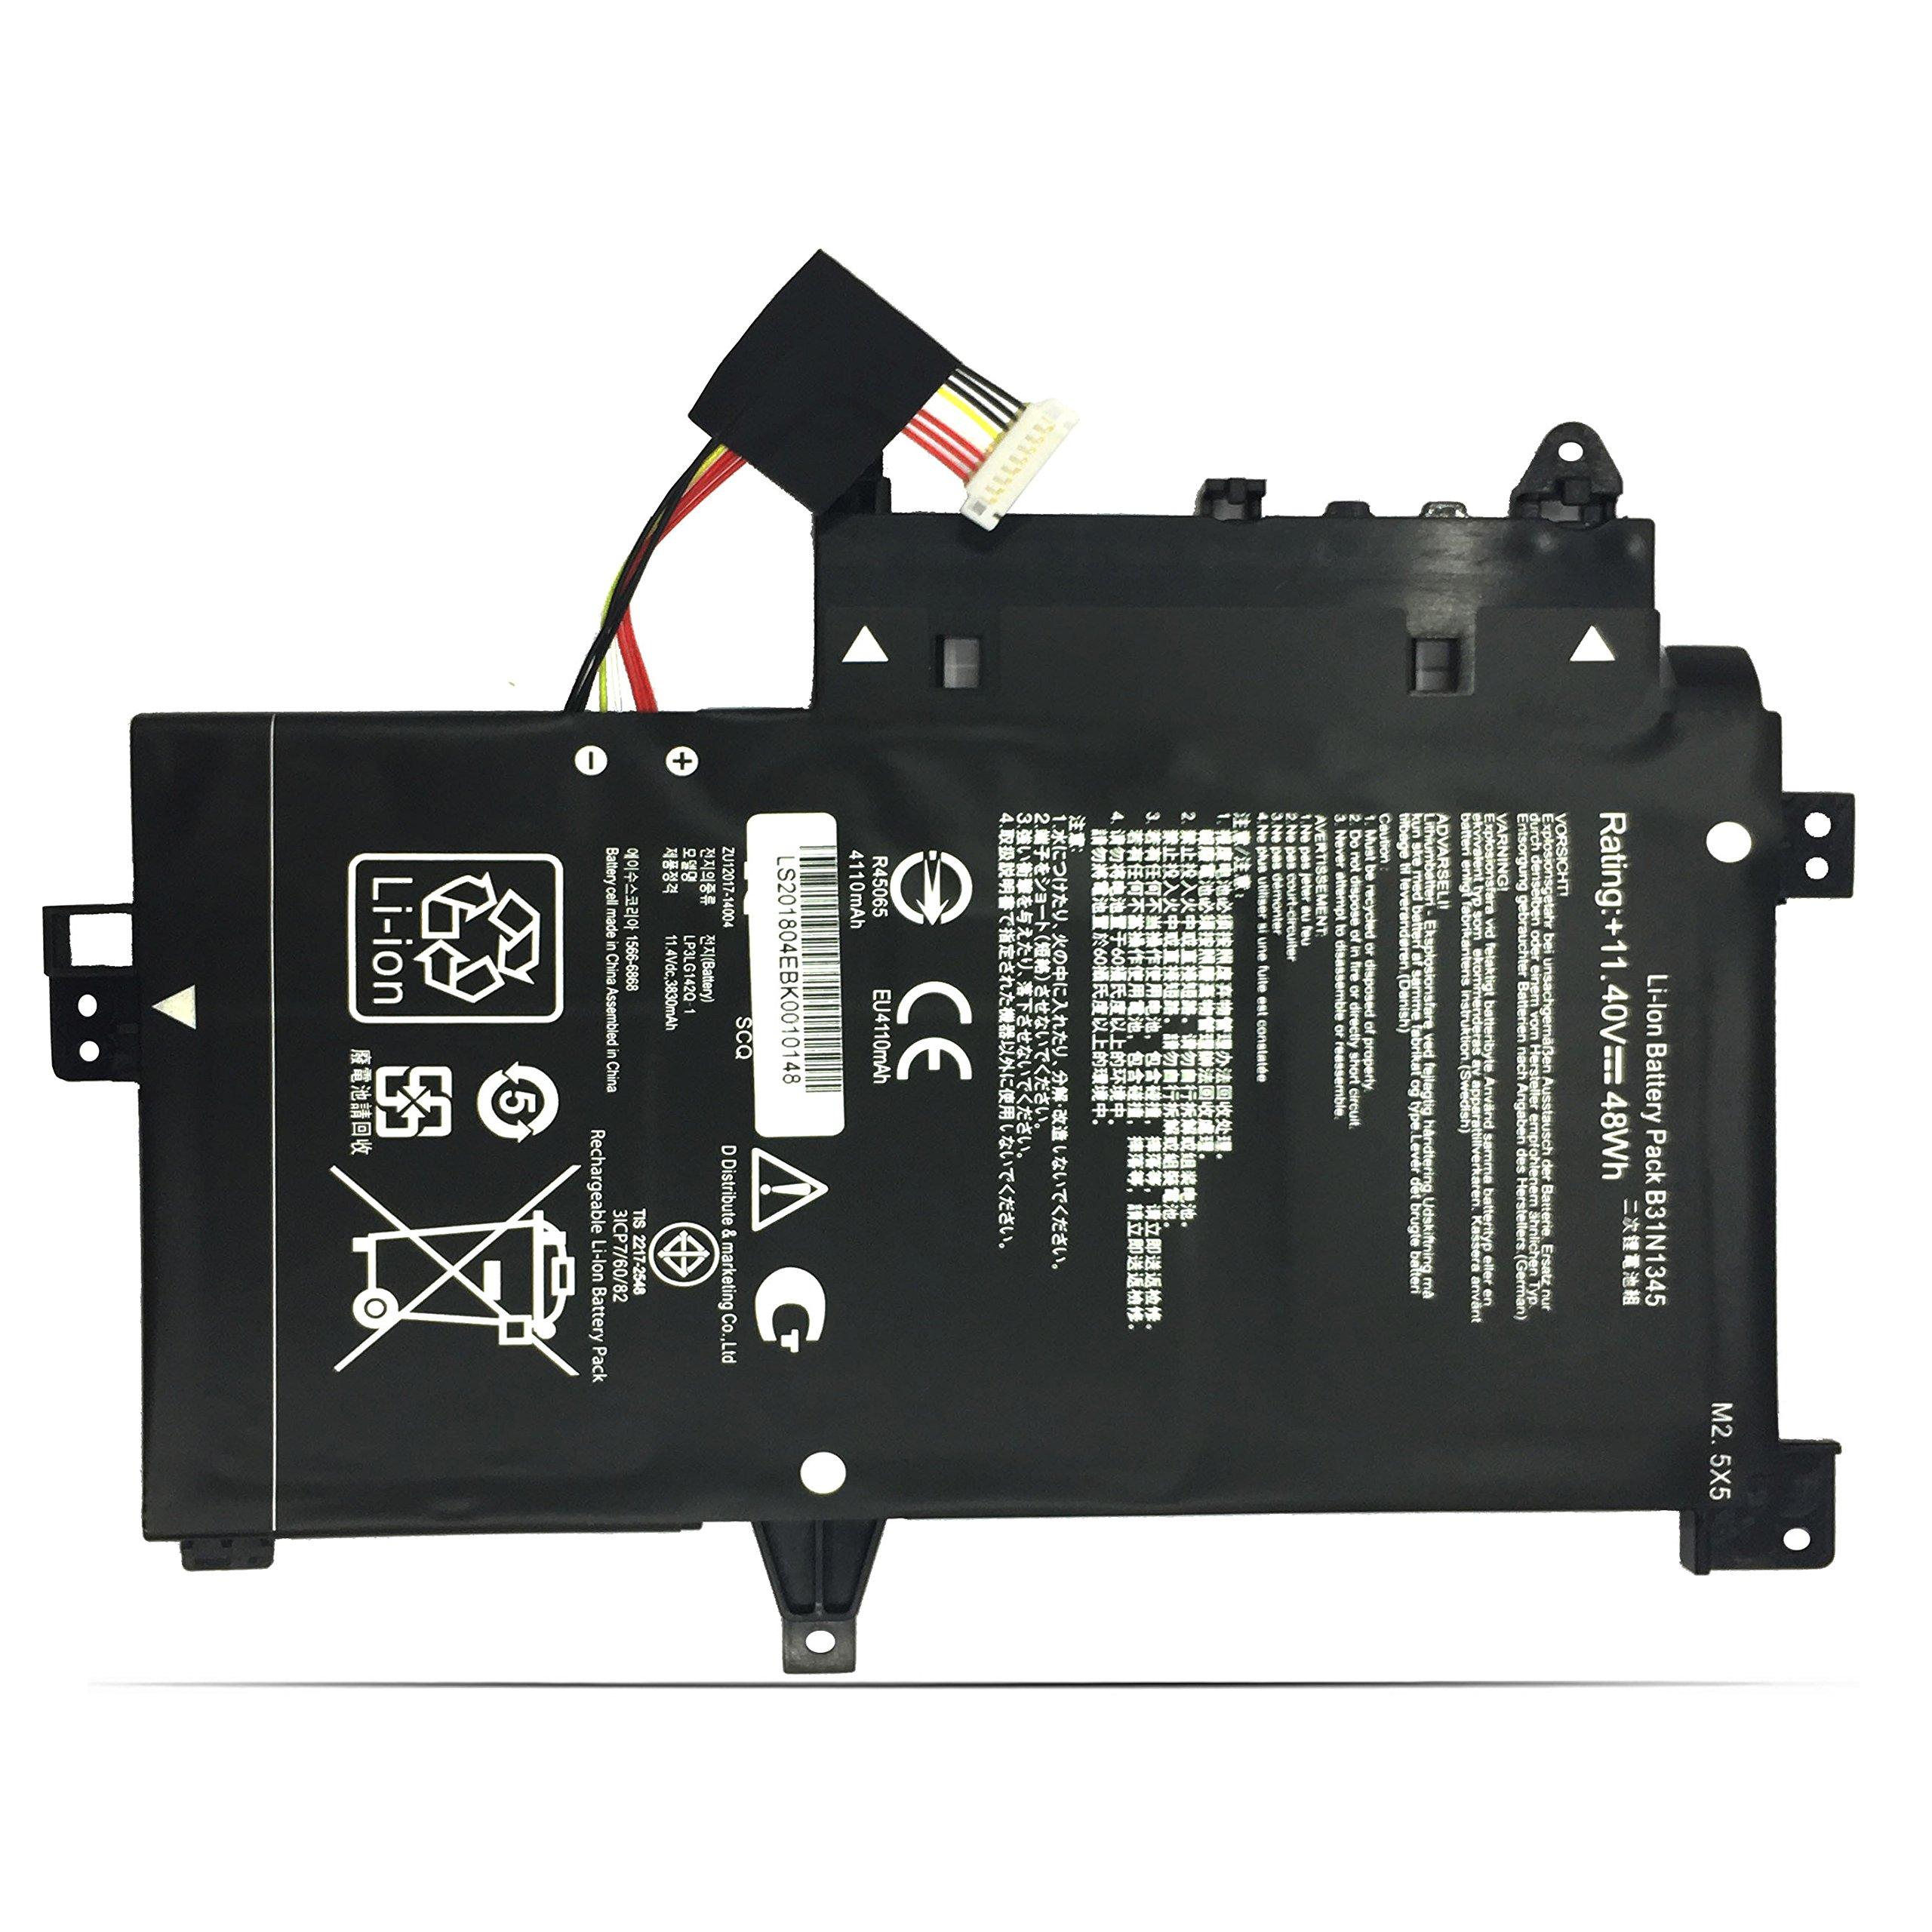 EMAKS B31N1345 Battery B31BN9H for ASUS TP500L TP500LA TP500LB TP500LN TP500LA-EB31T TP500LA-DS71T UB31T FH31T AB53T 0B200-00990100 - 11.4V 48Wh 3-Cell